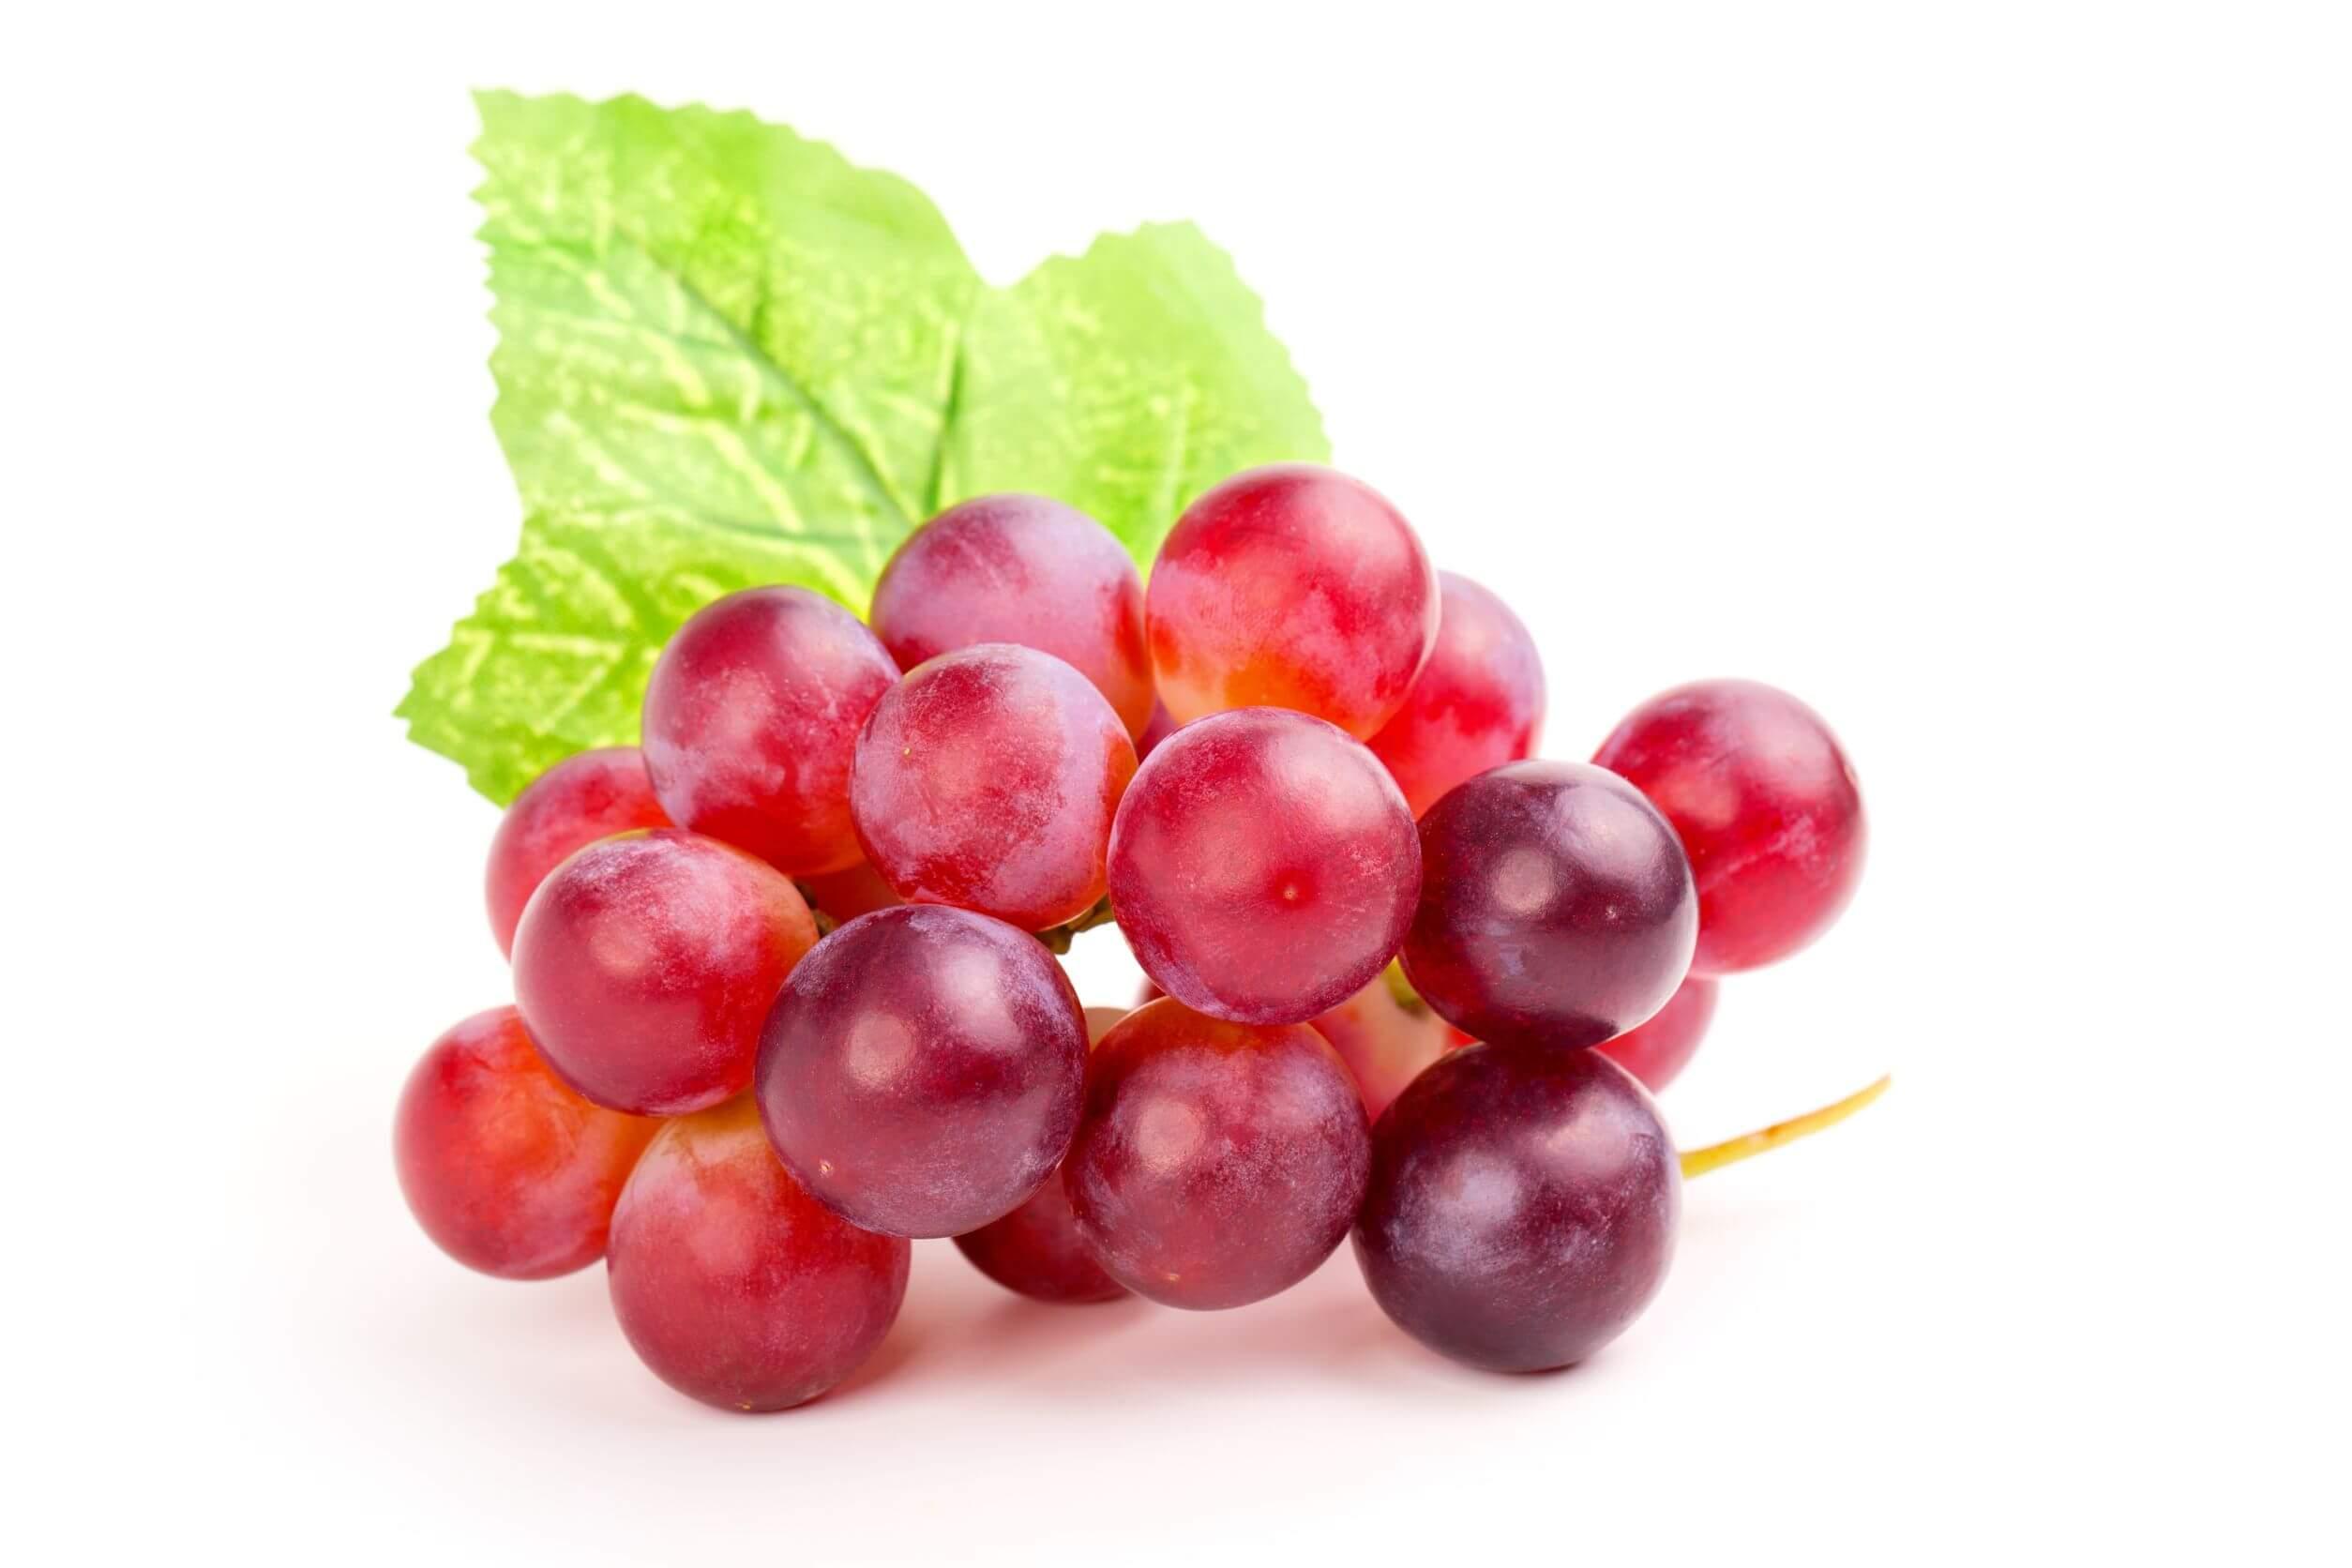 Las uvas son excelentes para hacer jugos rojos.